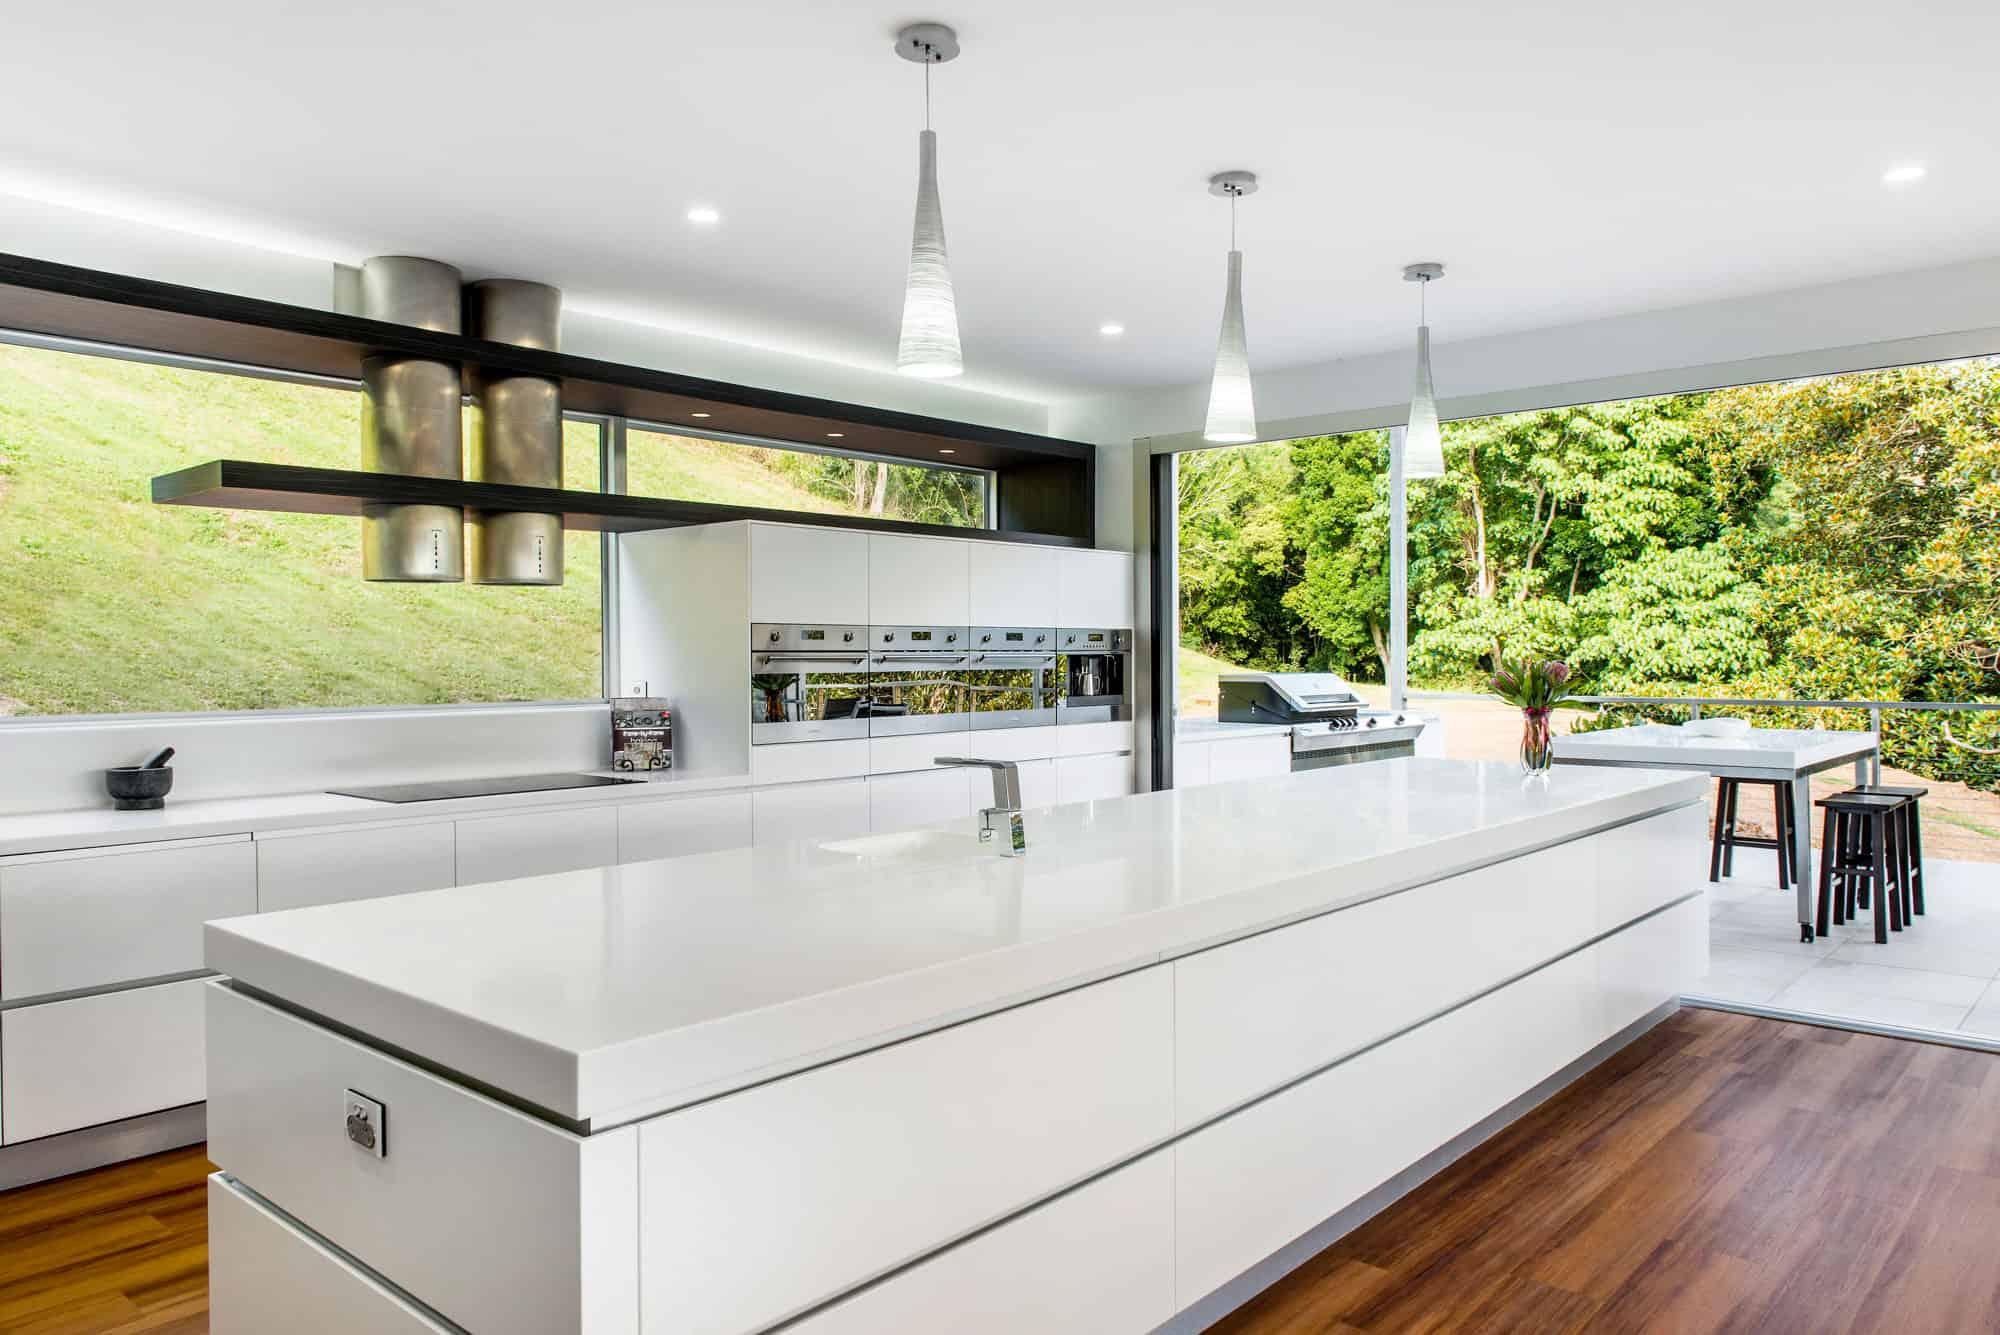 designer kitchen samford sublime interiors homedsgn designing kitchen kitchen decor design ideas